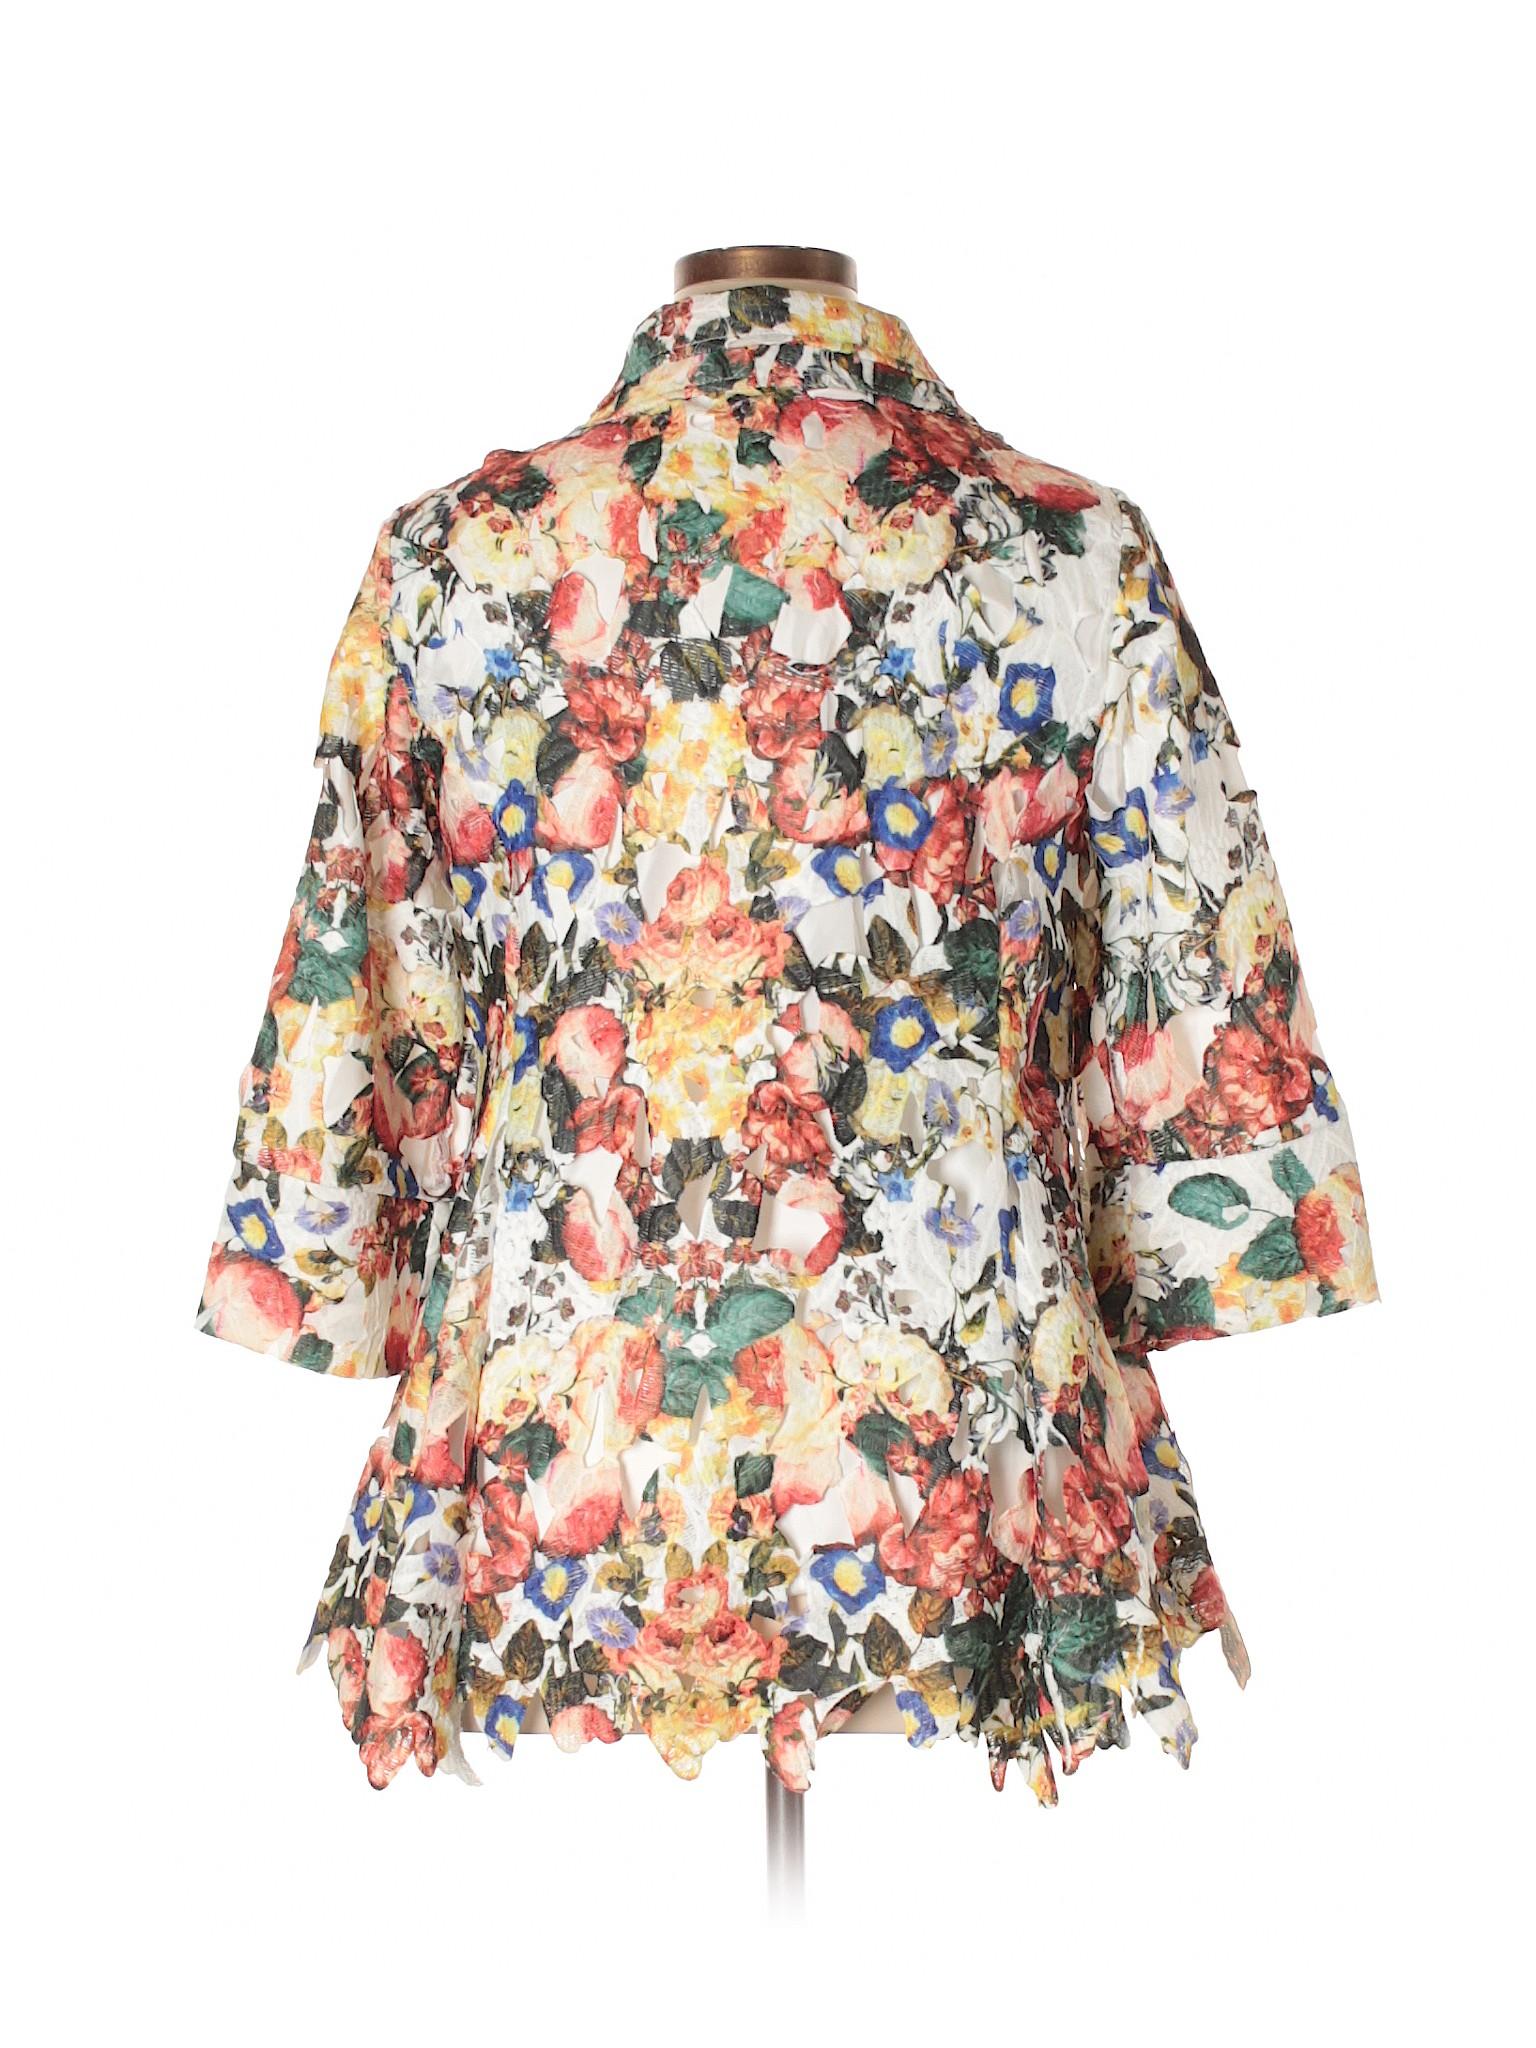 leisure Boutique Boutique Jacket Damee Jacket leisure Inc Inc Boutique Damee HqfnPp5B